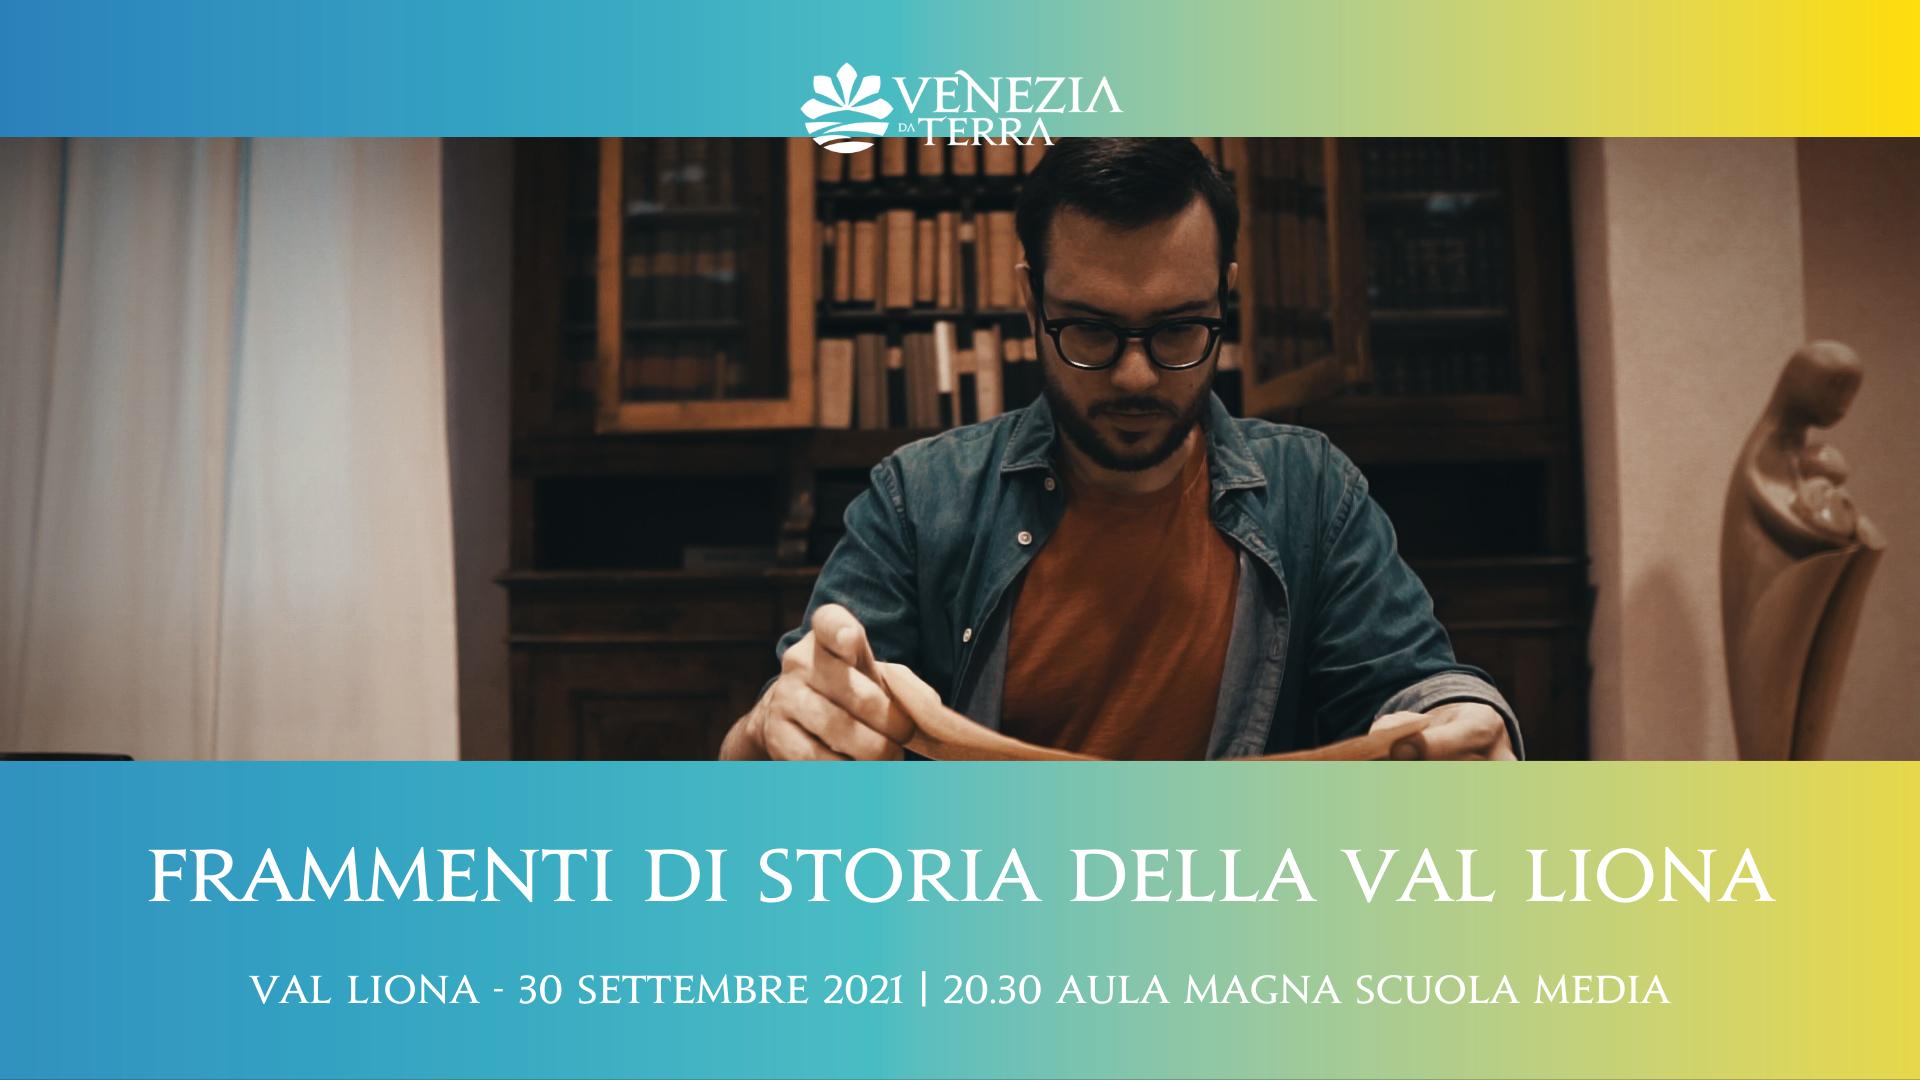 Frammenti di storia della Val Liona, conferenza con G. Florio (Unipd)